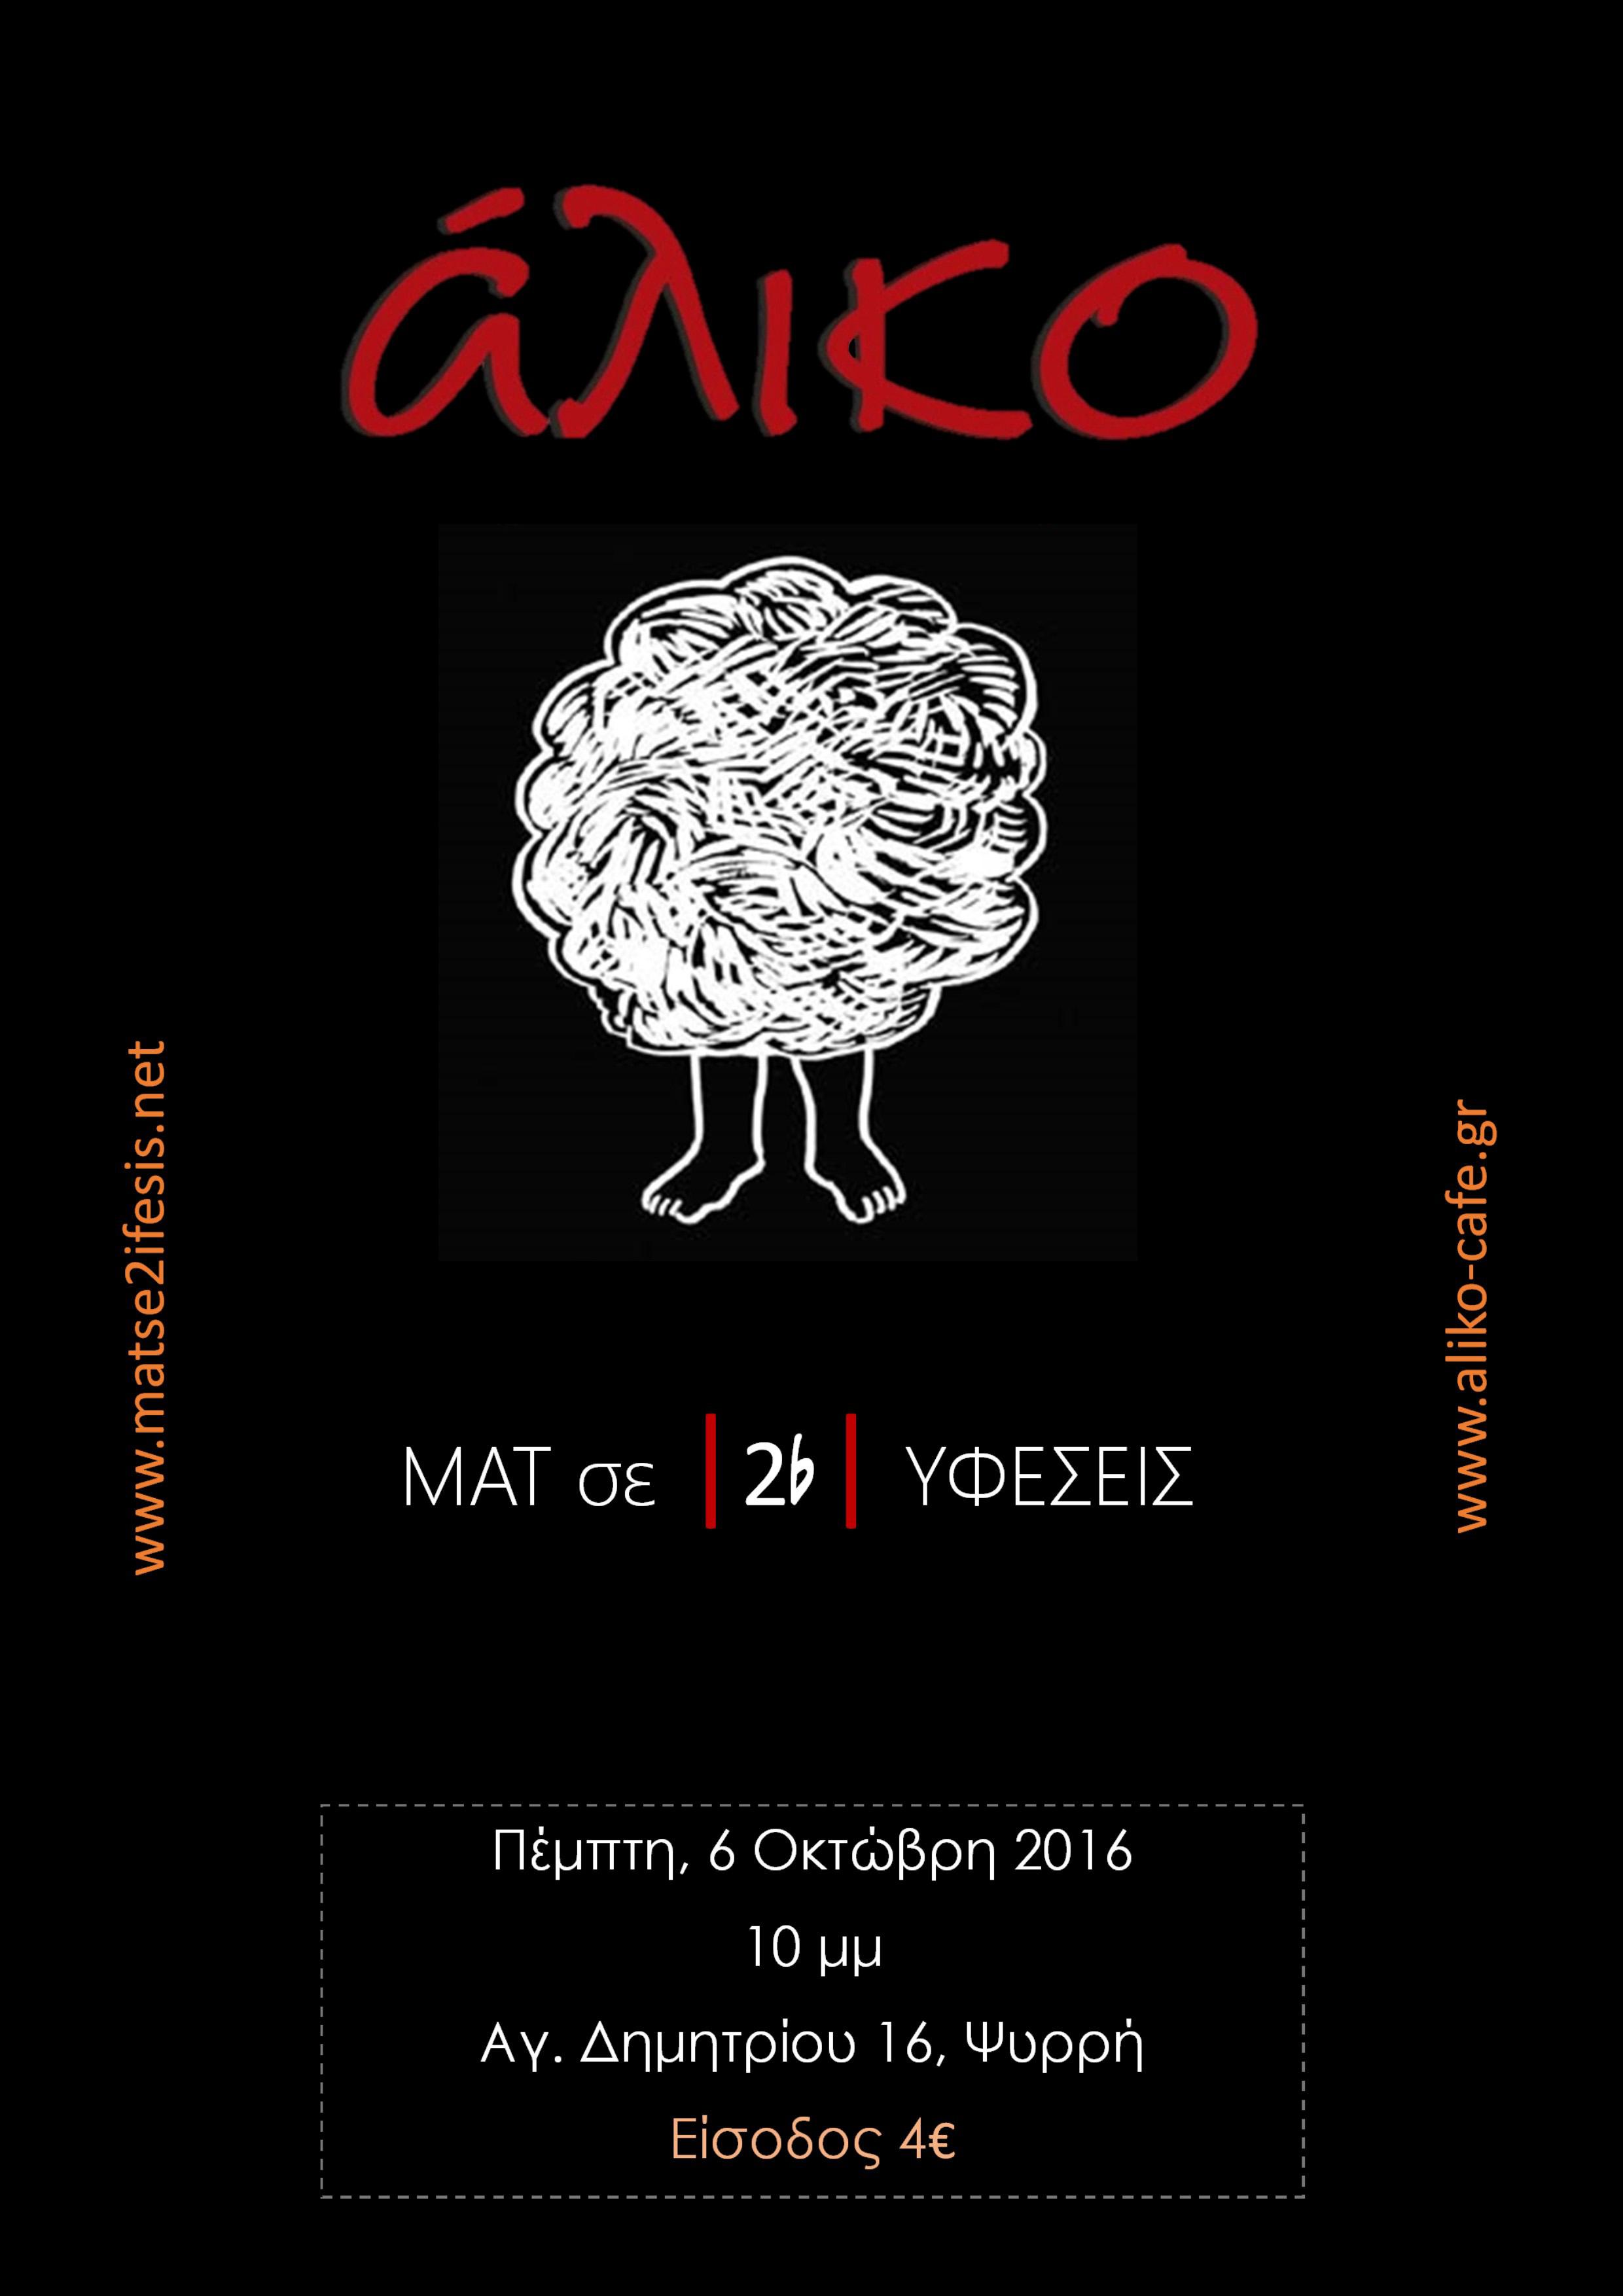 mat-poster-aliko-2016